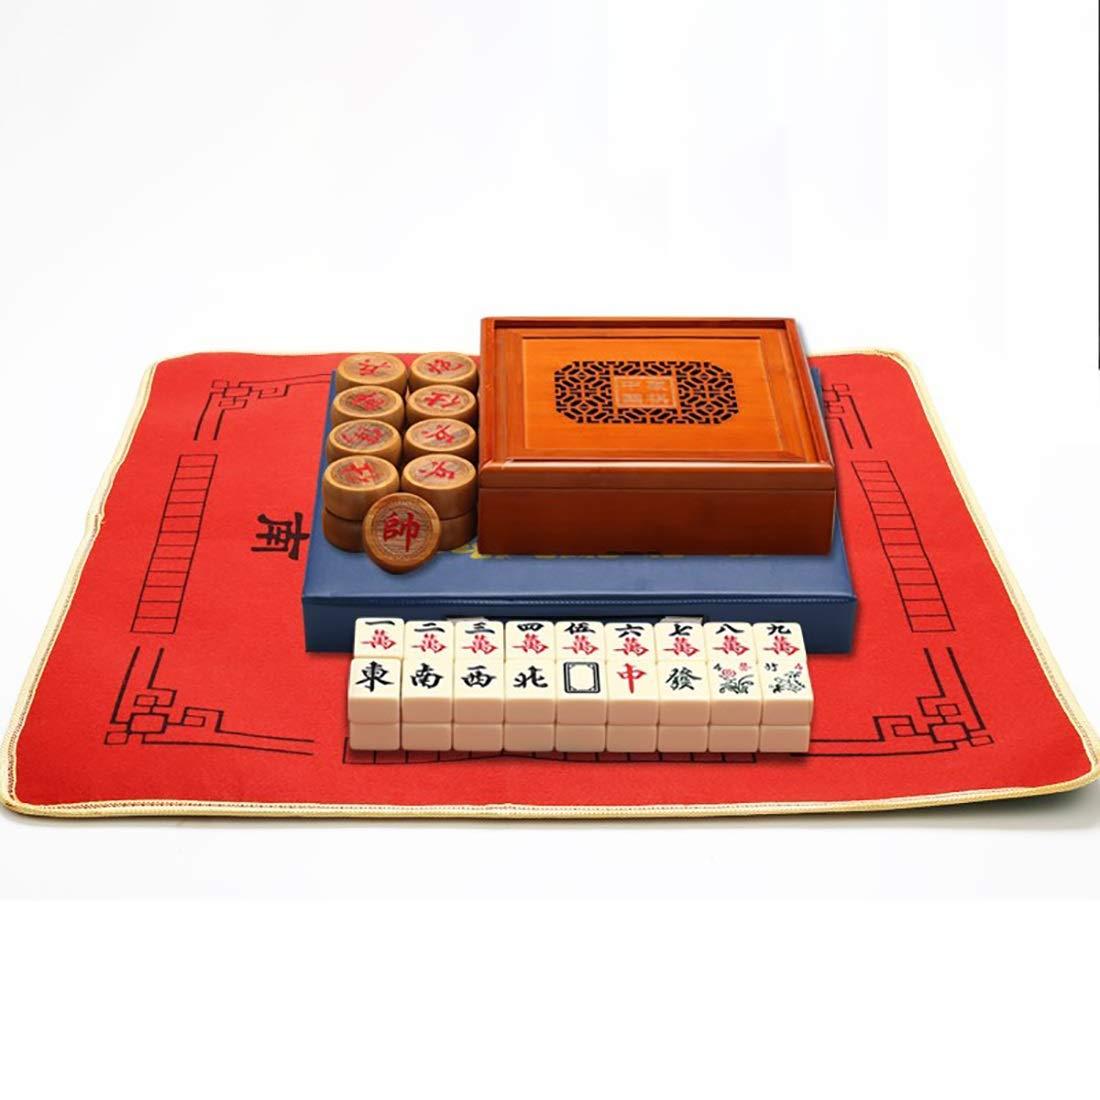 NuoEn Mahjong Spiel Hochwertiges Acrylmaterial Geist Spiele Freizeit Reise Spiel Set 39  28  19mm ( Farbe   Mahjong ) Mahjong+cloths+chess